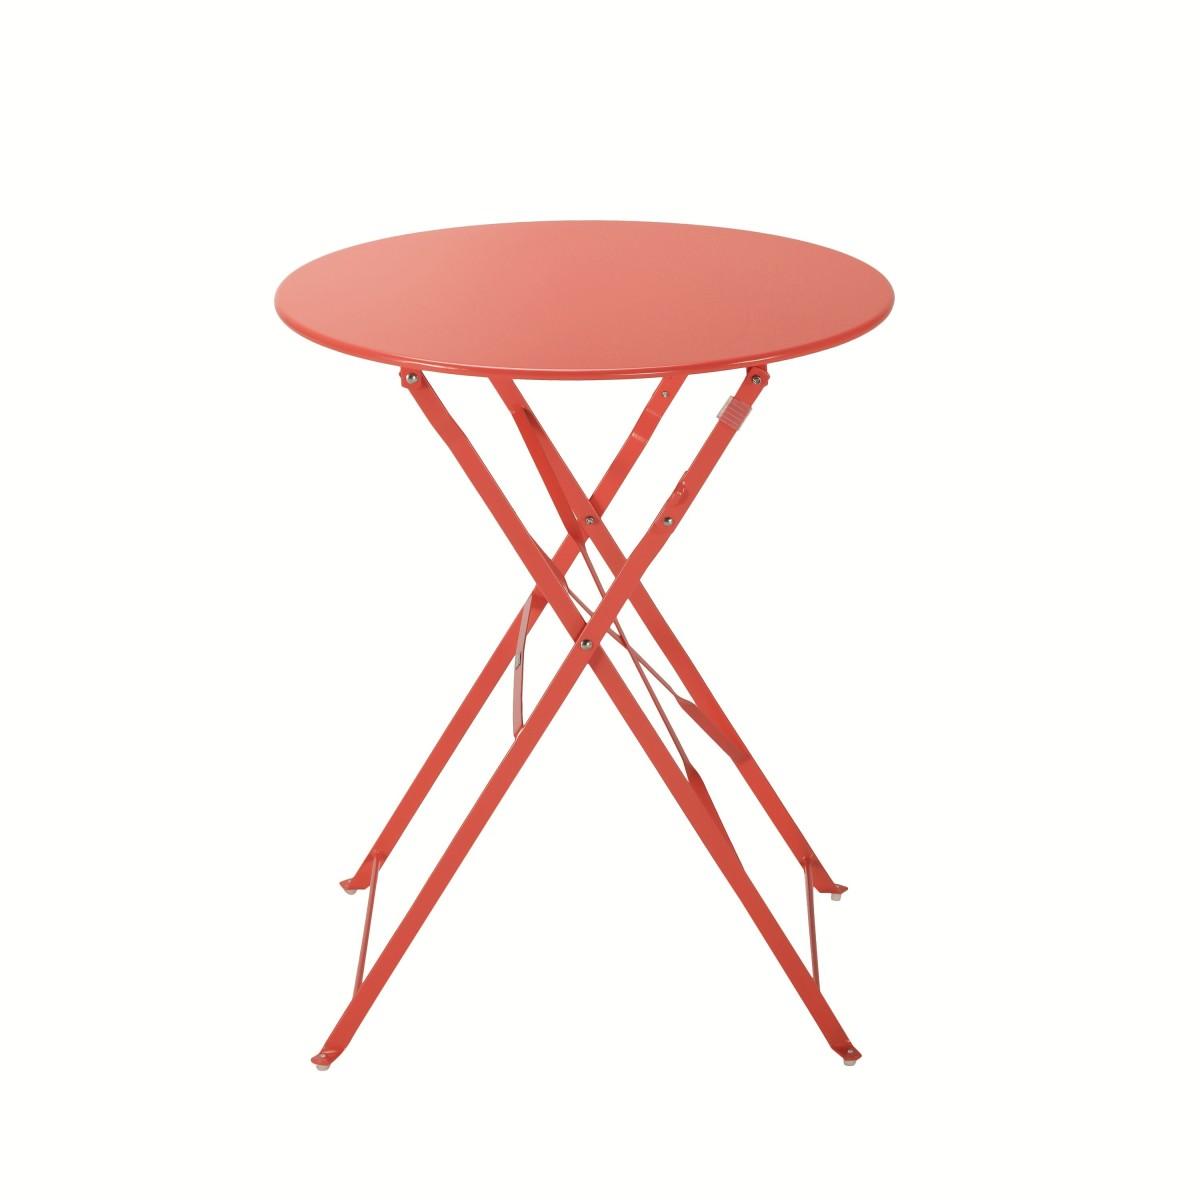 Стол садовый круглый Naterial Flora Origami складной 60х71 см сталь красный